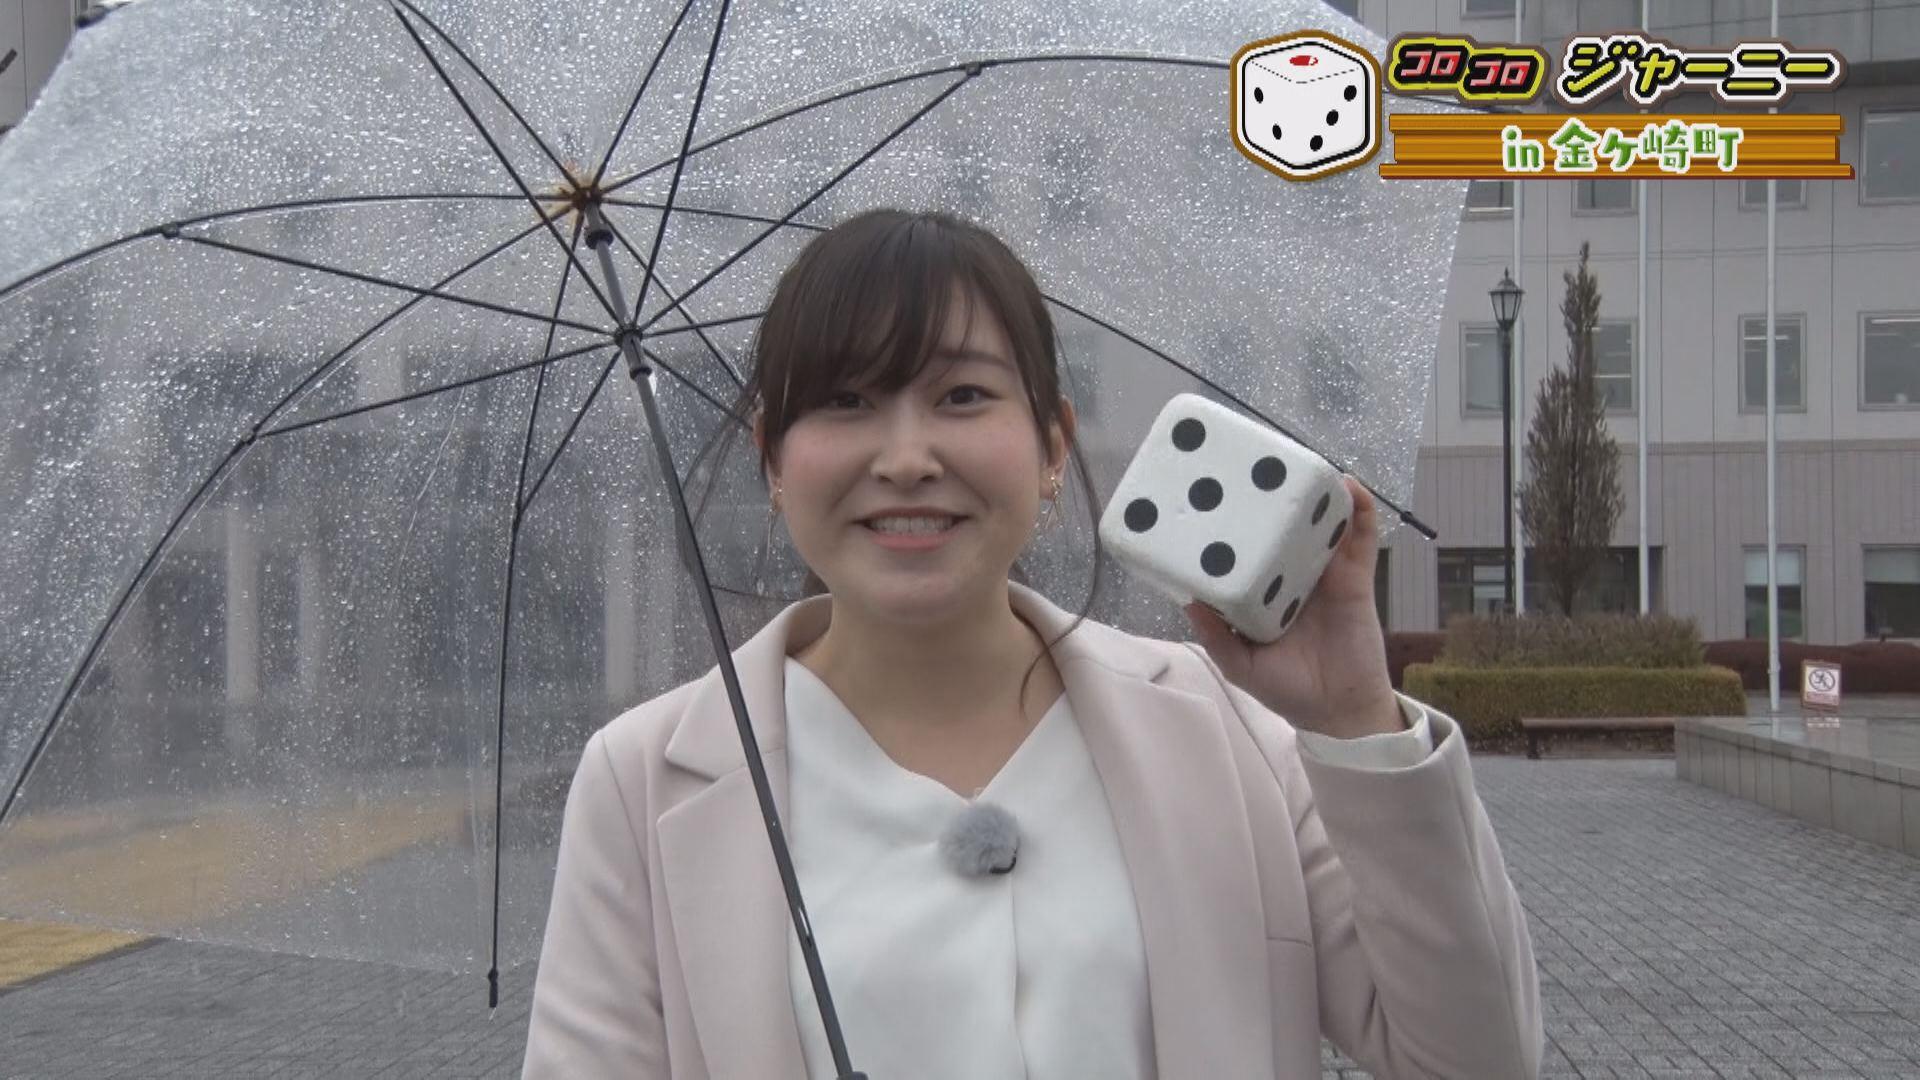 「コロコロジャーニー」in金ケ崎町